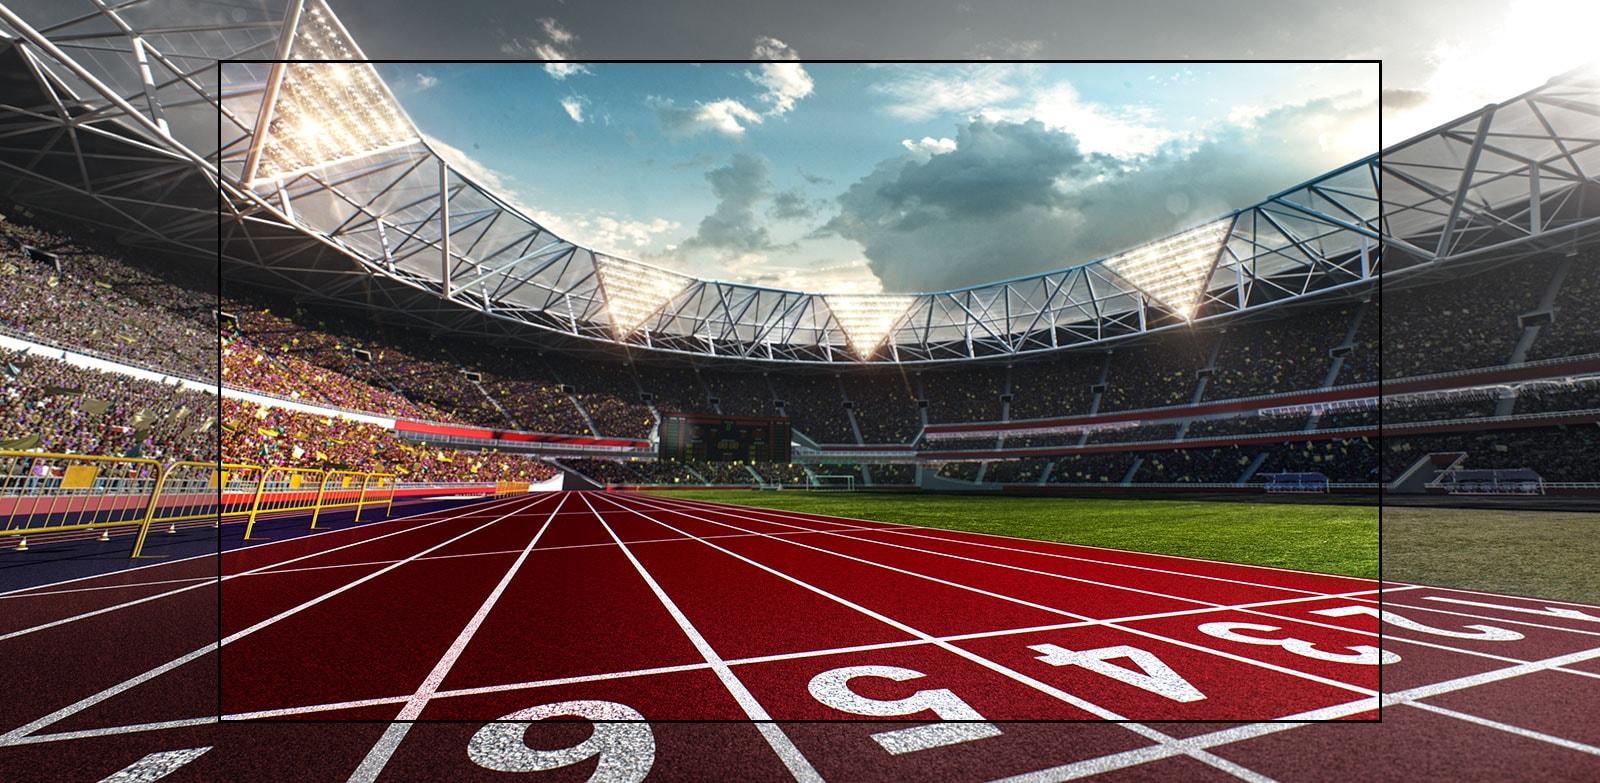 Ekran televizora prikazuje stadion sa pogledom na trkačku stazu izbliza. Stadion je ispunjen gledaocima.